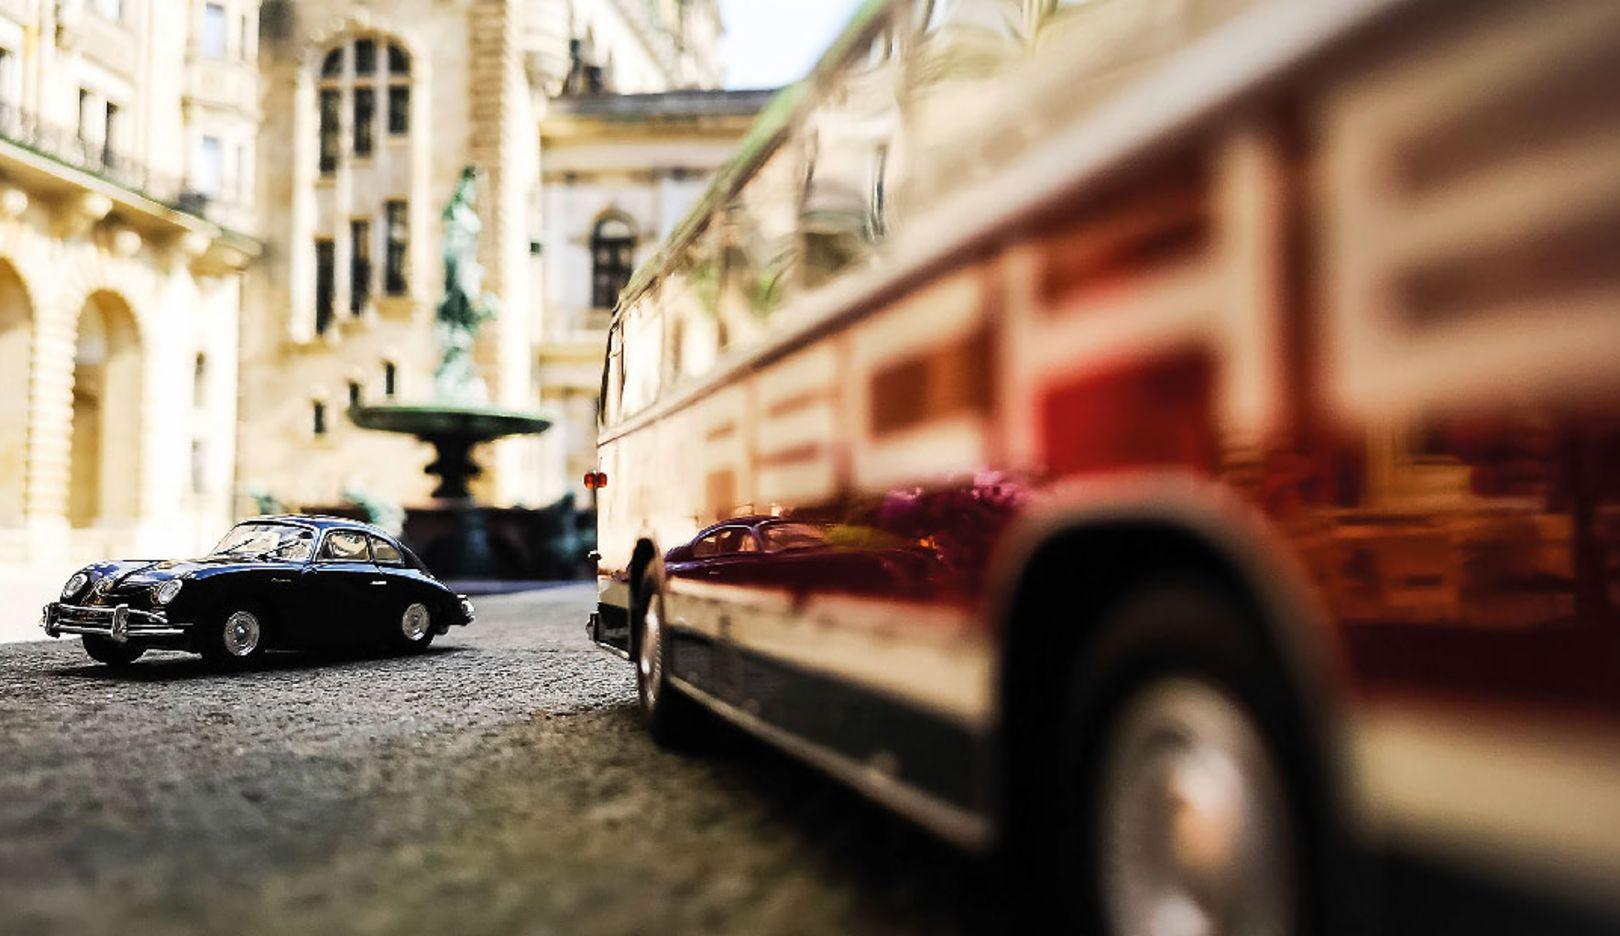 Porsche 356 A Coupé, Neoplan-Busses FH11 Porsche Renndienst, l-r, Hamburg, 2018, Porsche AG